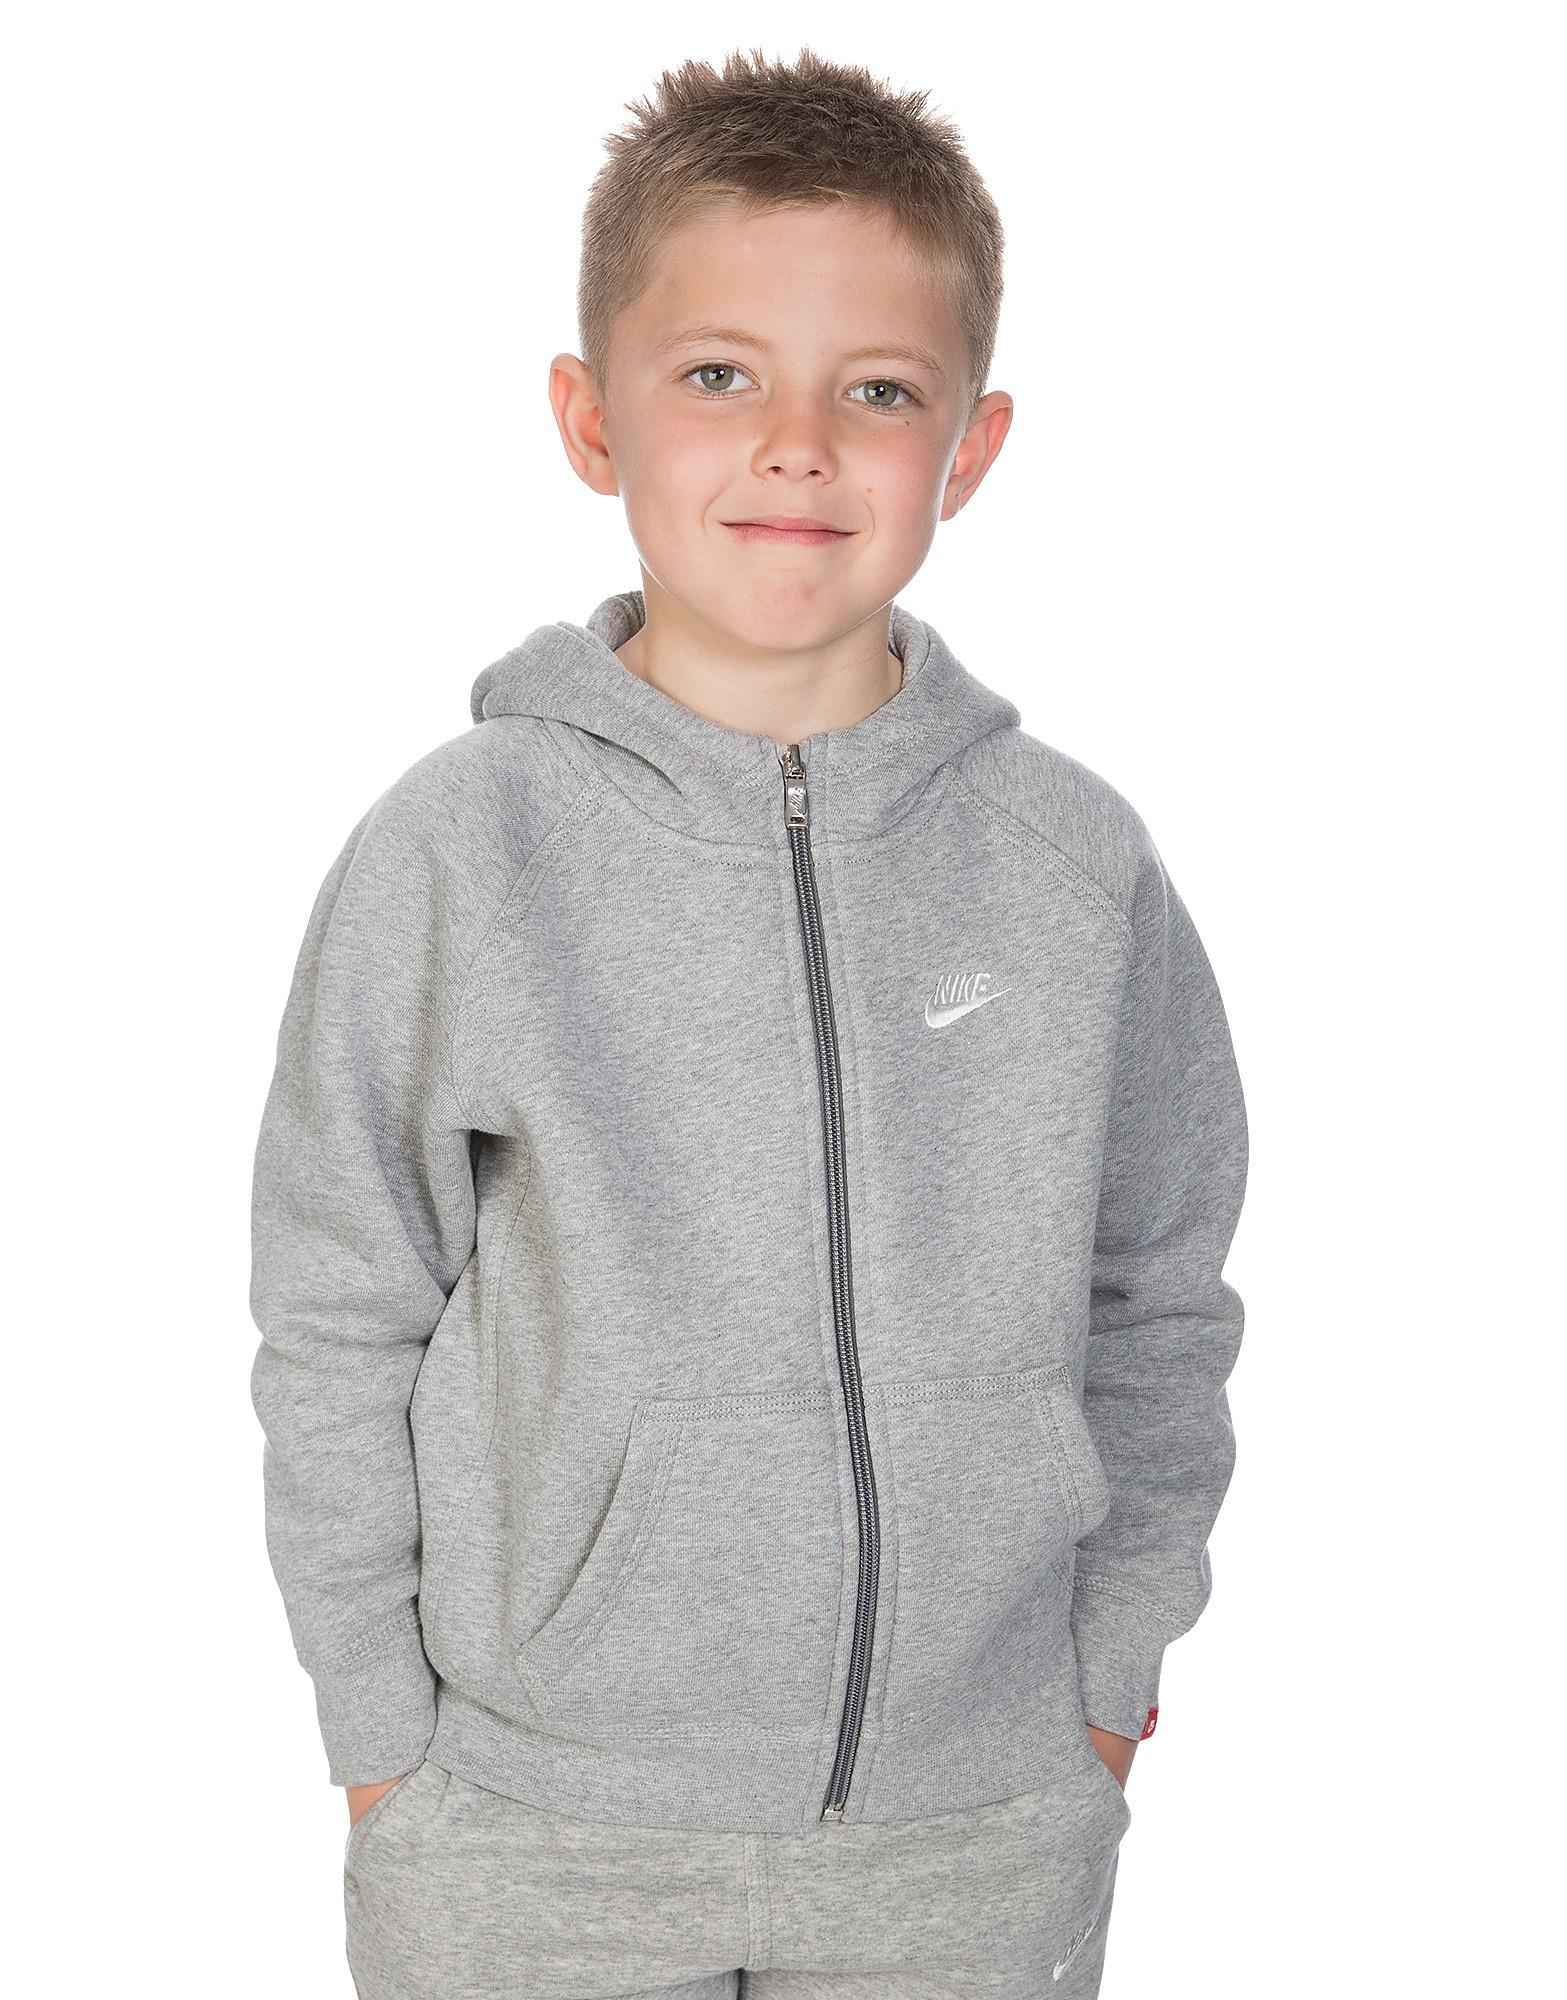 Nike Franchise Hoody Children